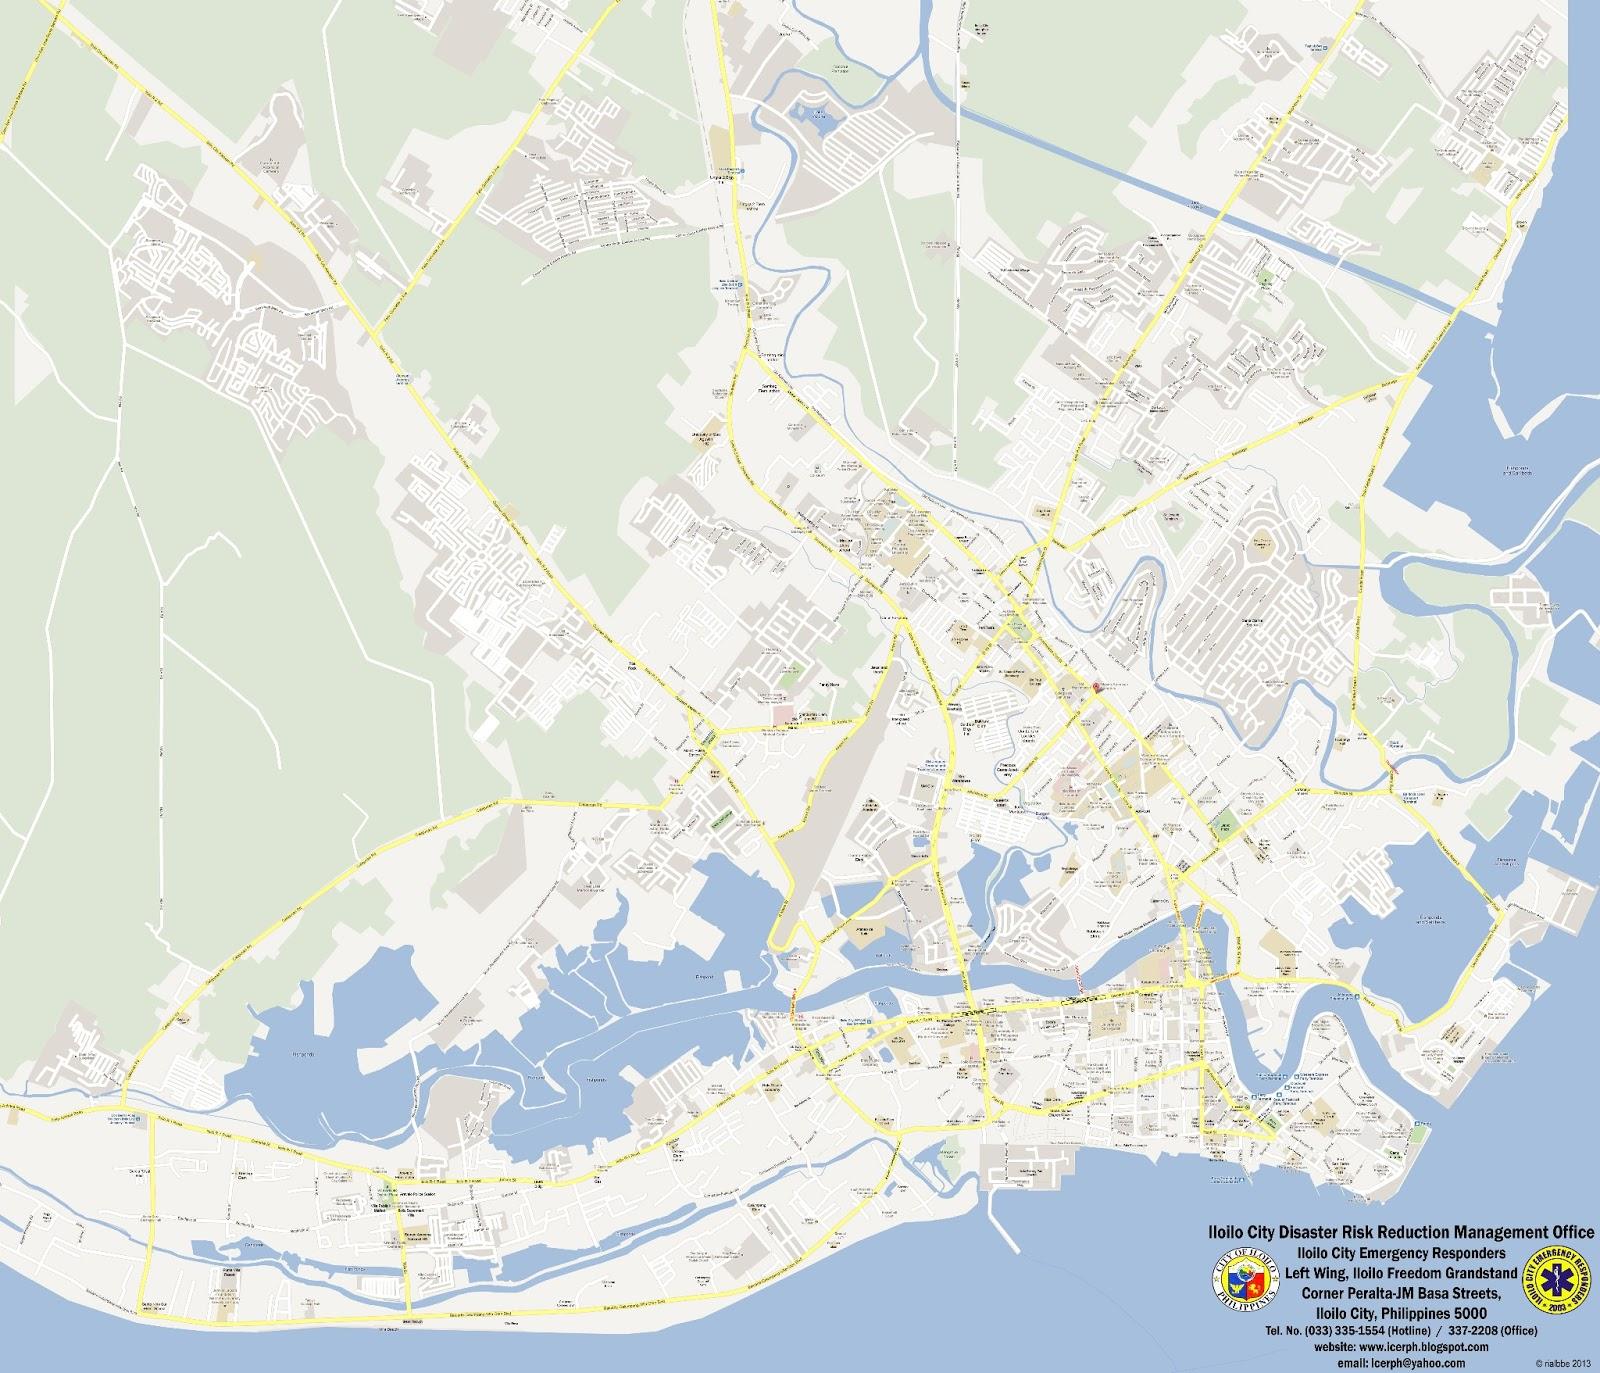 Iloilo City Emergency Responders Philippines Iloilo City Map - Iloilo city map